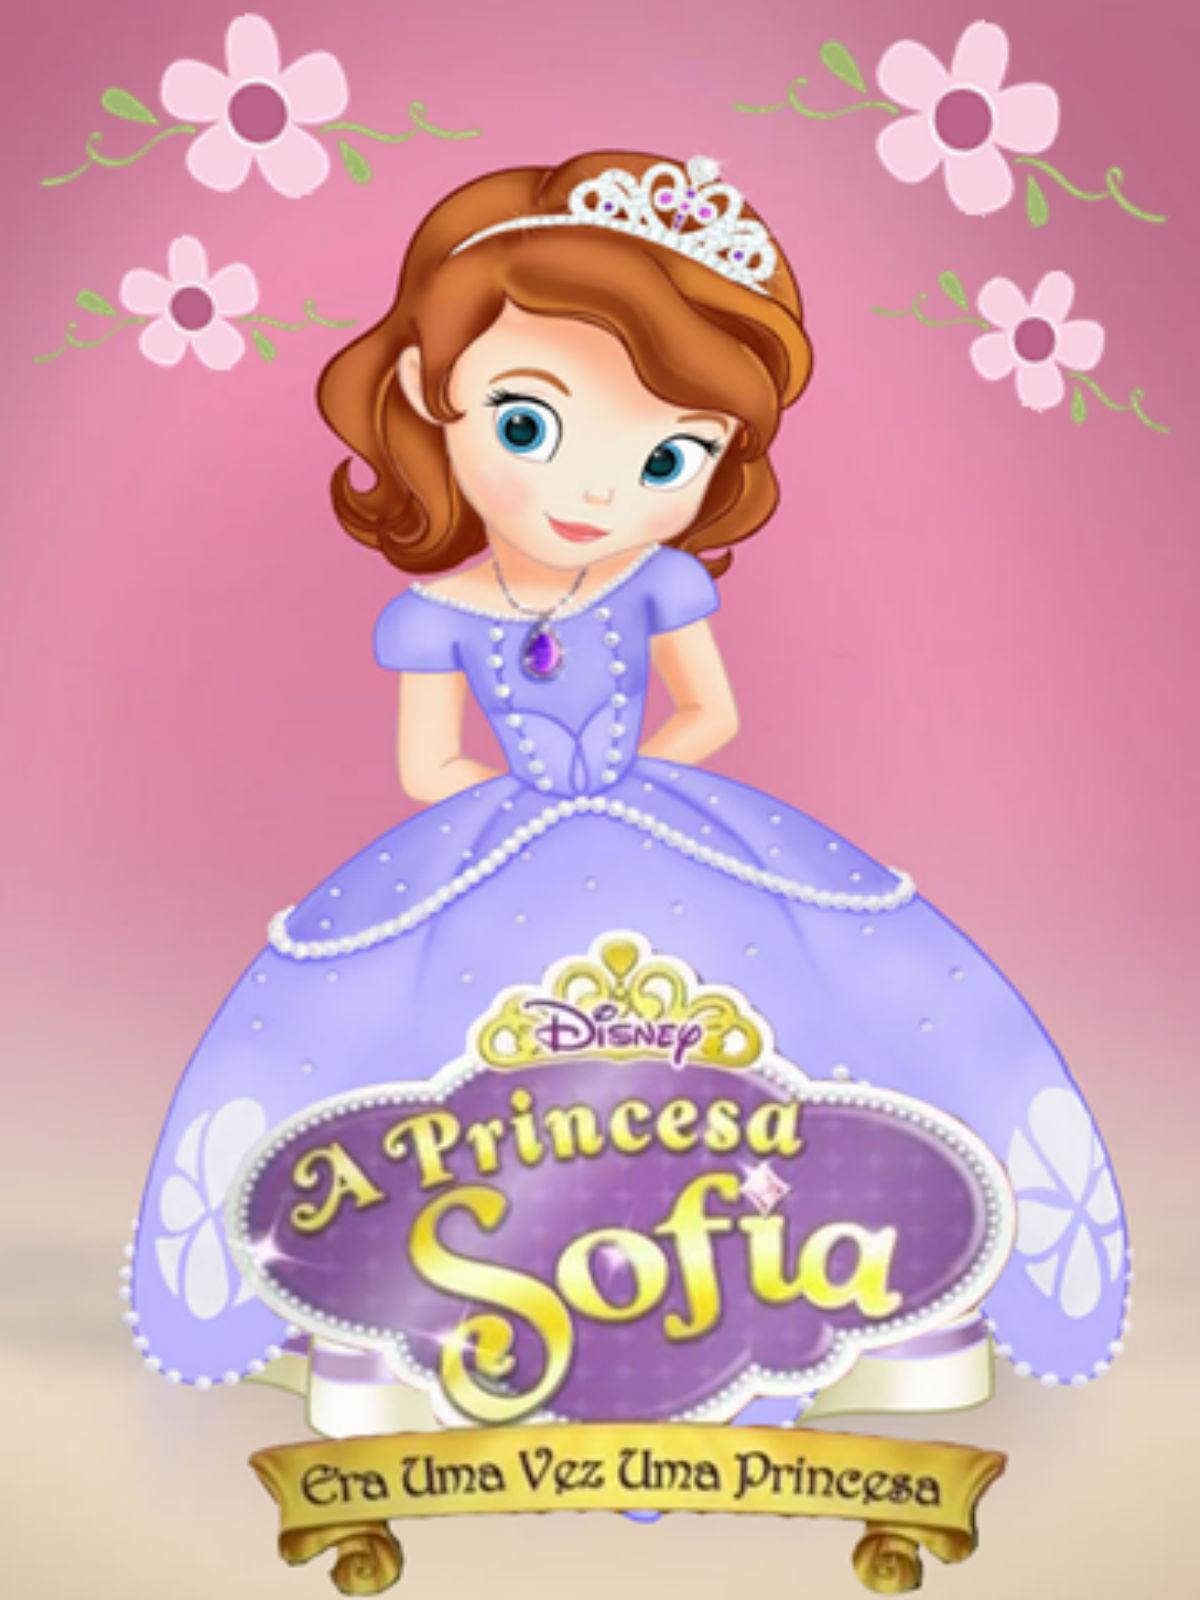 Poster do filme Princesinha Sofia: era uma vez...